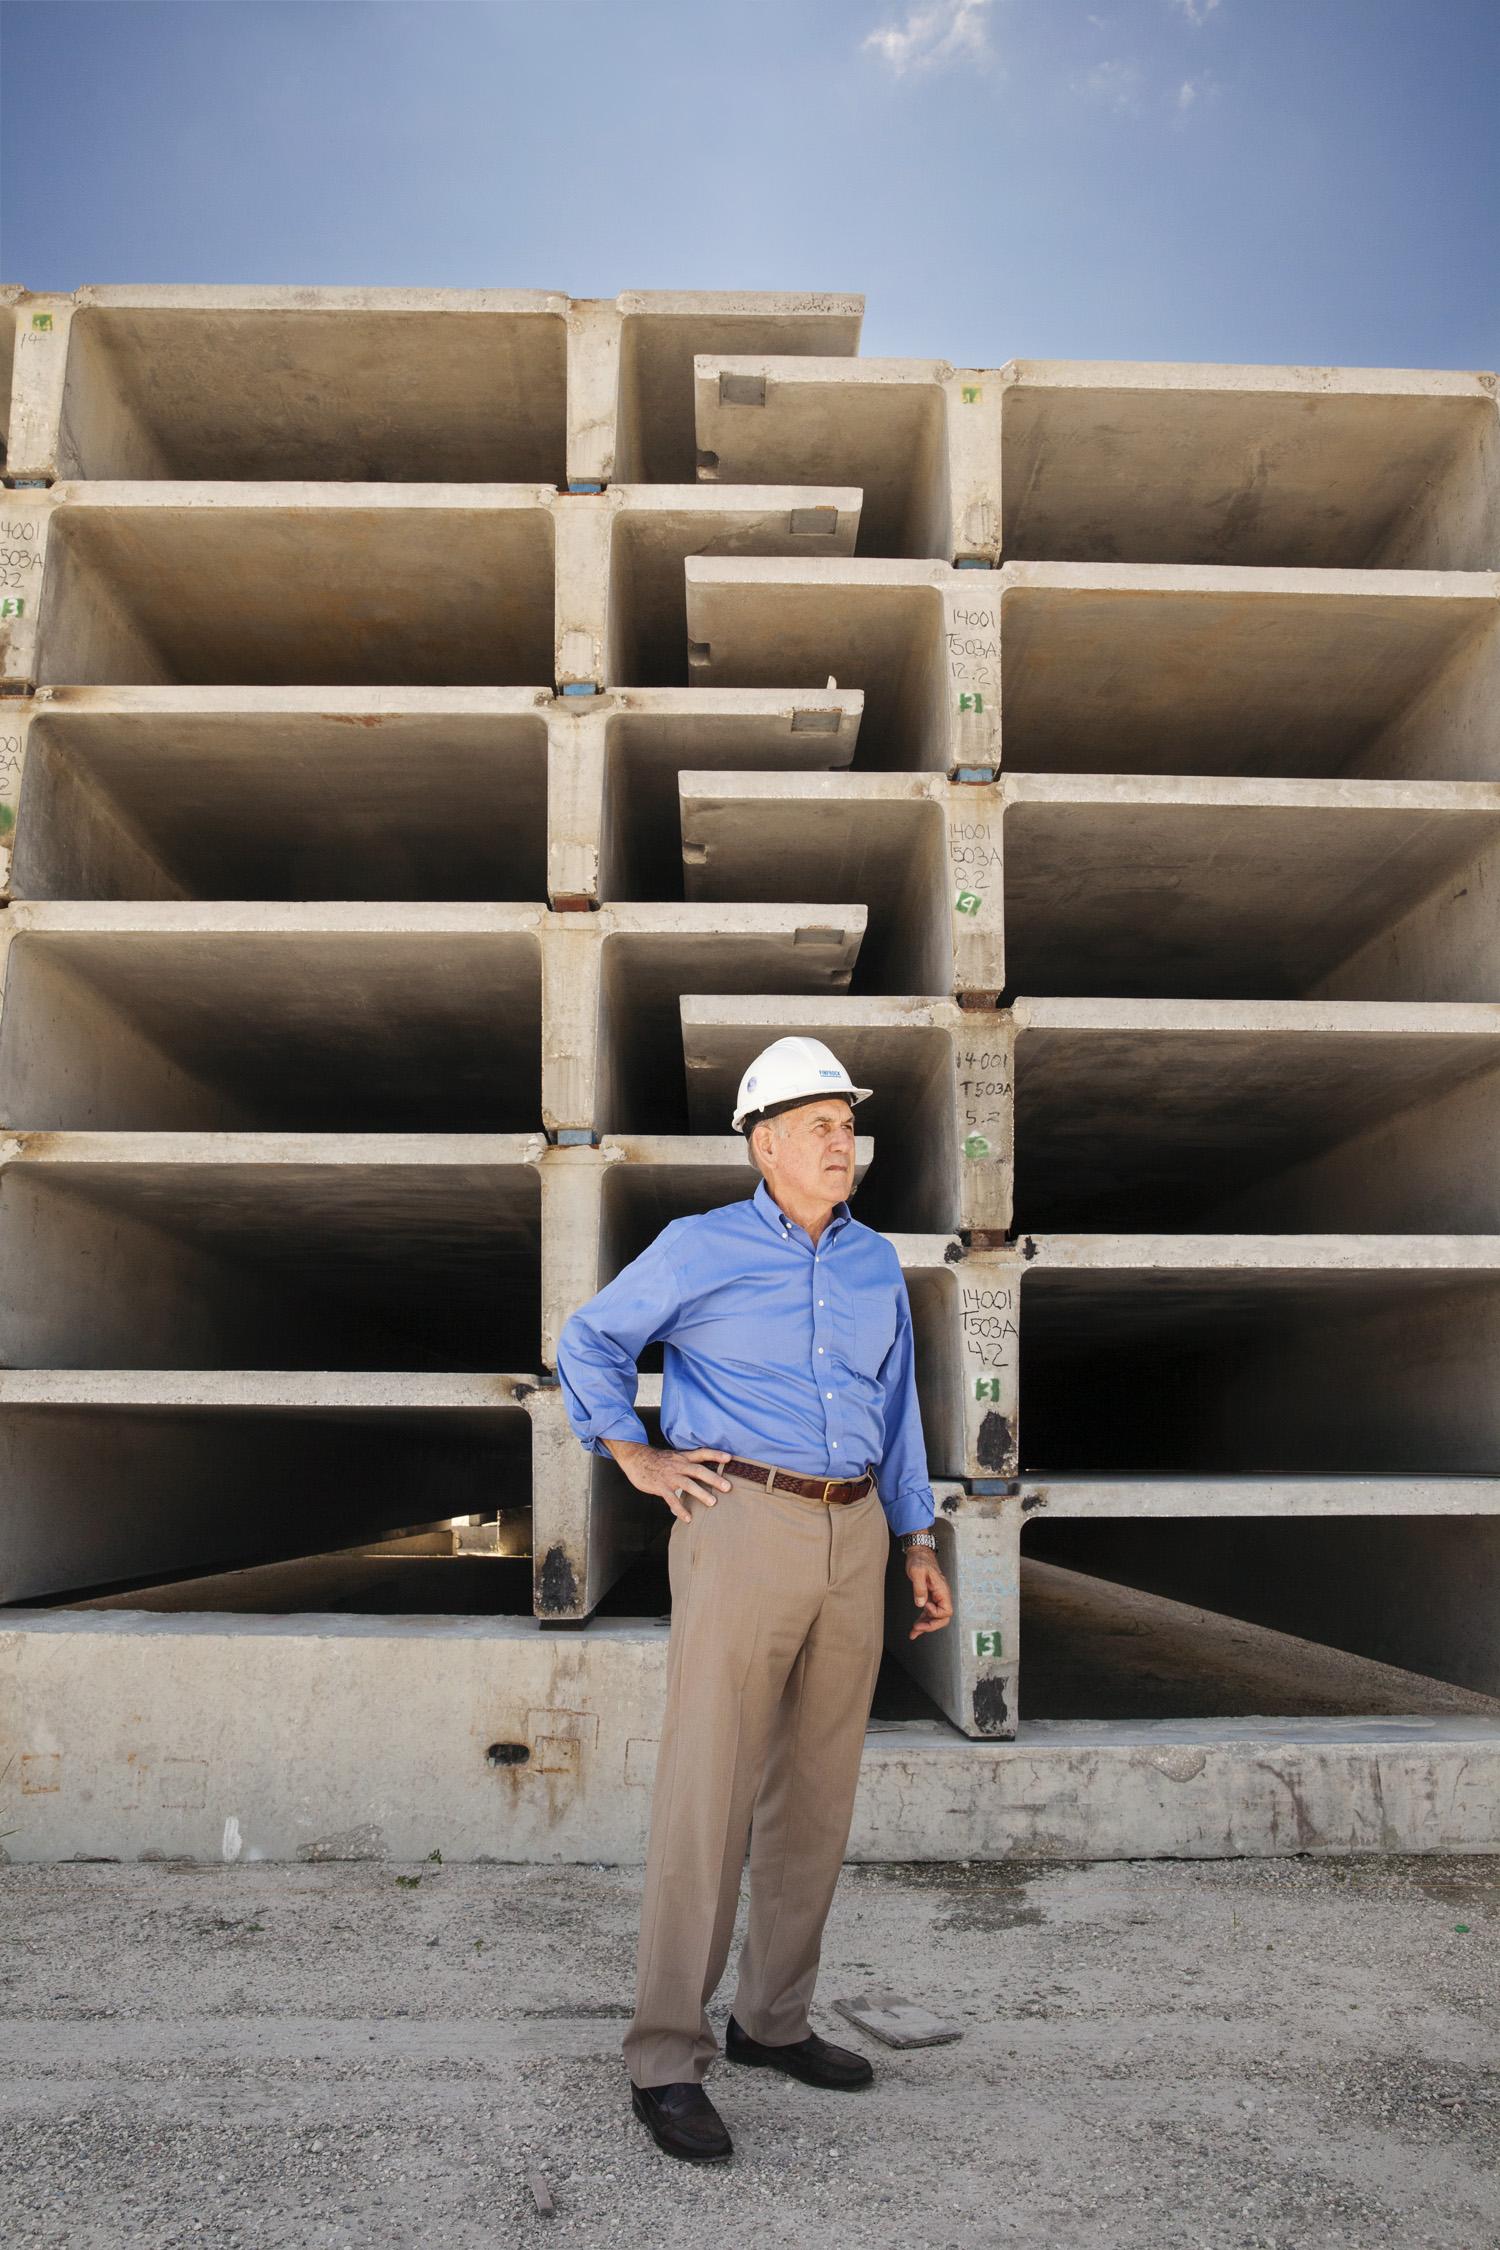 Orlando construction photographer